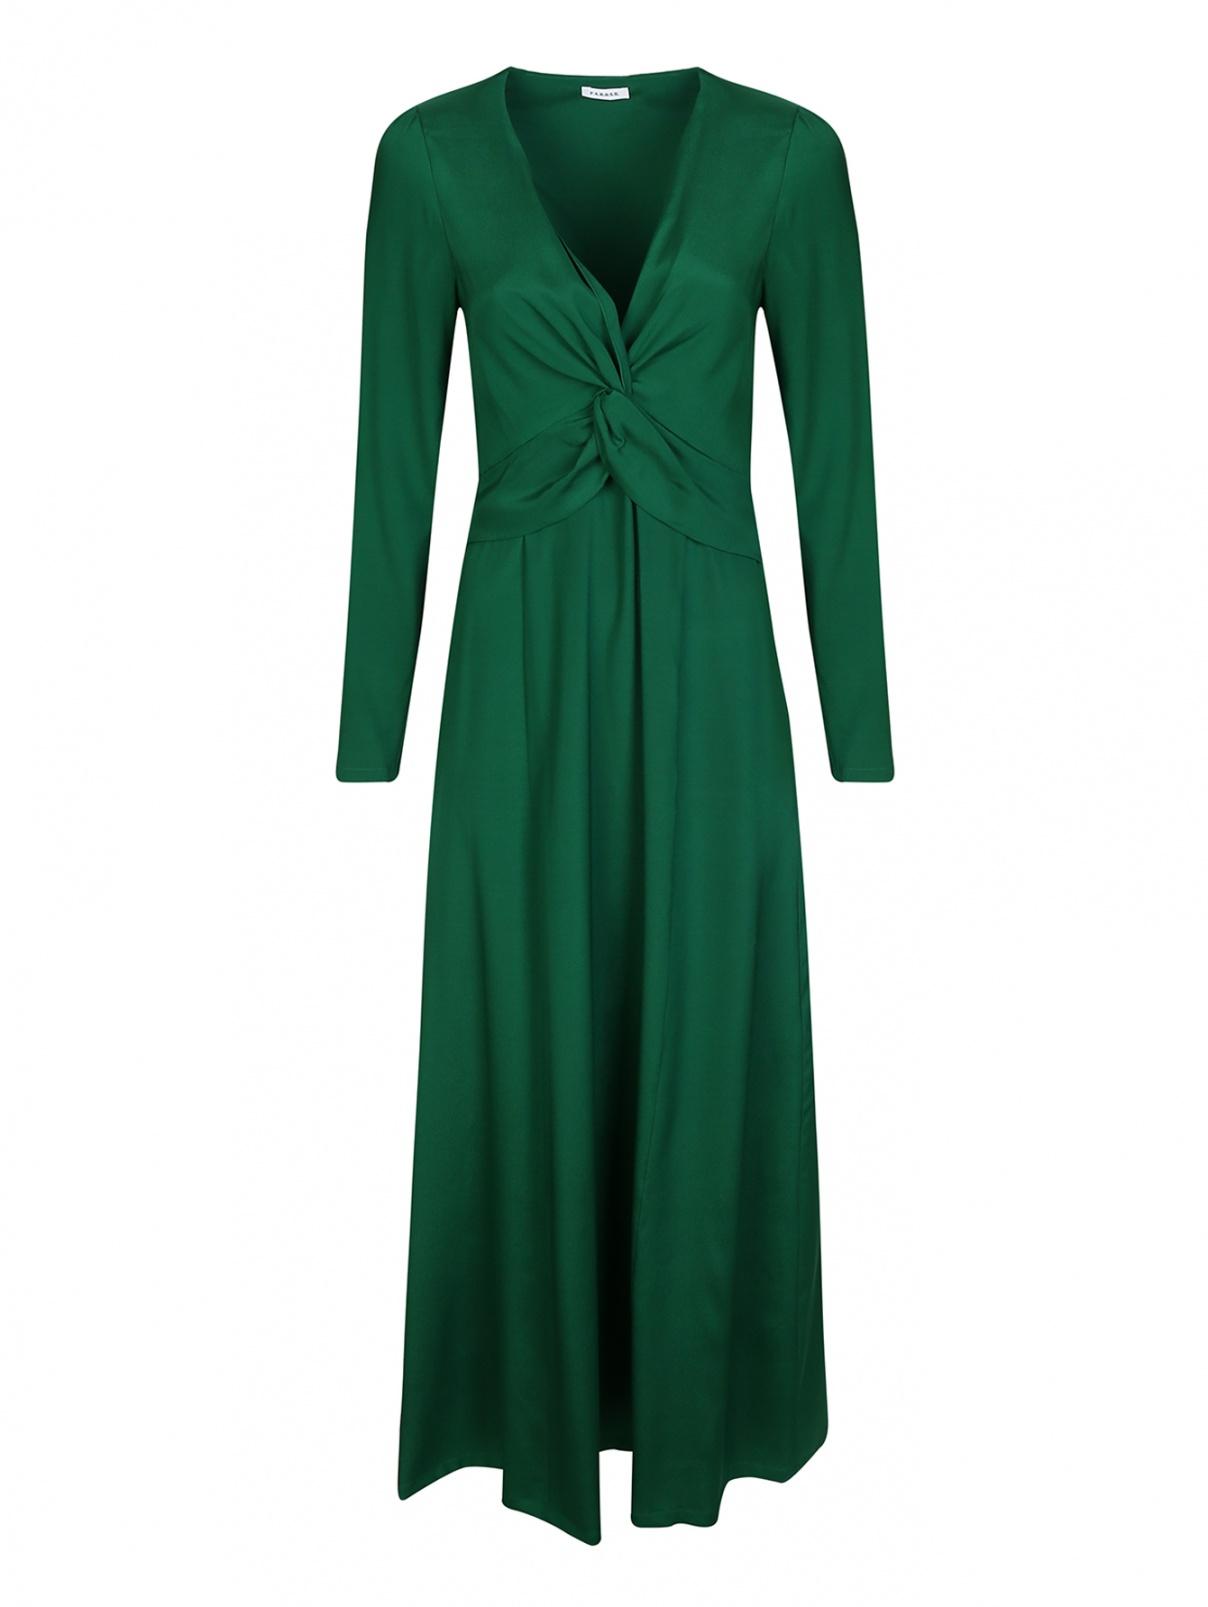 Платье шелковое с драпировкой на груди P.A.R.O.S.H.  –  Общий вид